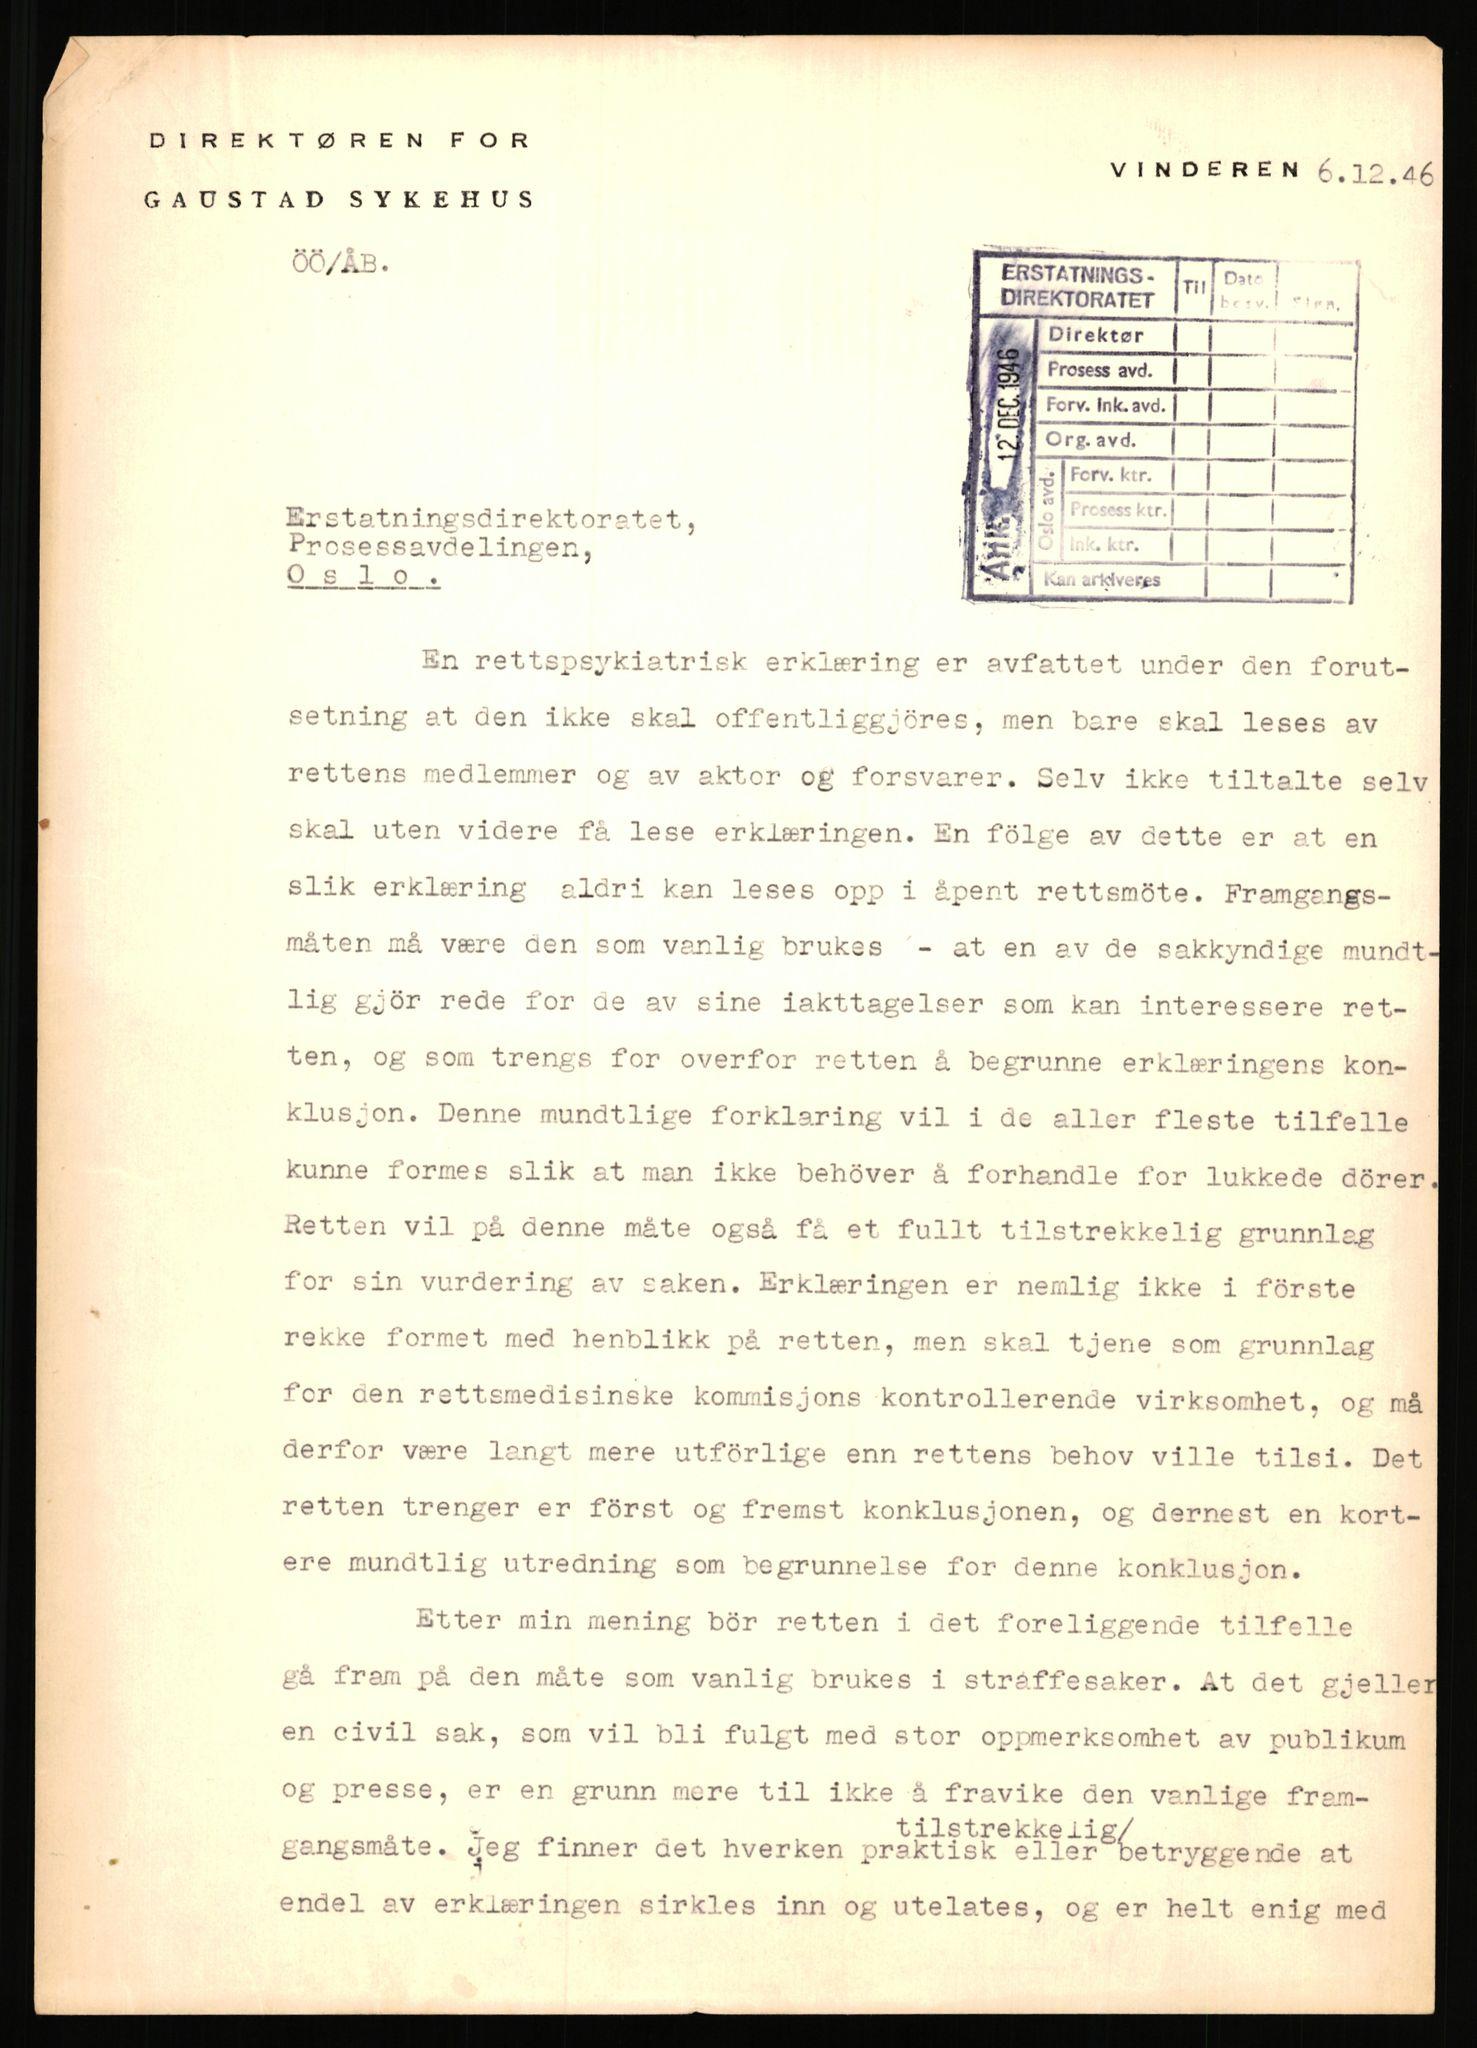 RA, Landssvikarkivet, Arendal politikammer, D/Dc/L0029: Anr. 192/45, 1945-1951, s. 1066